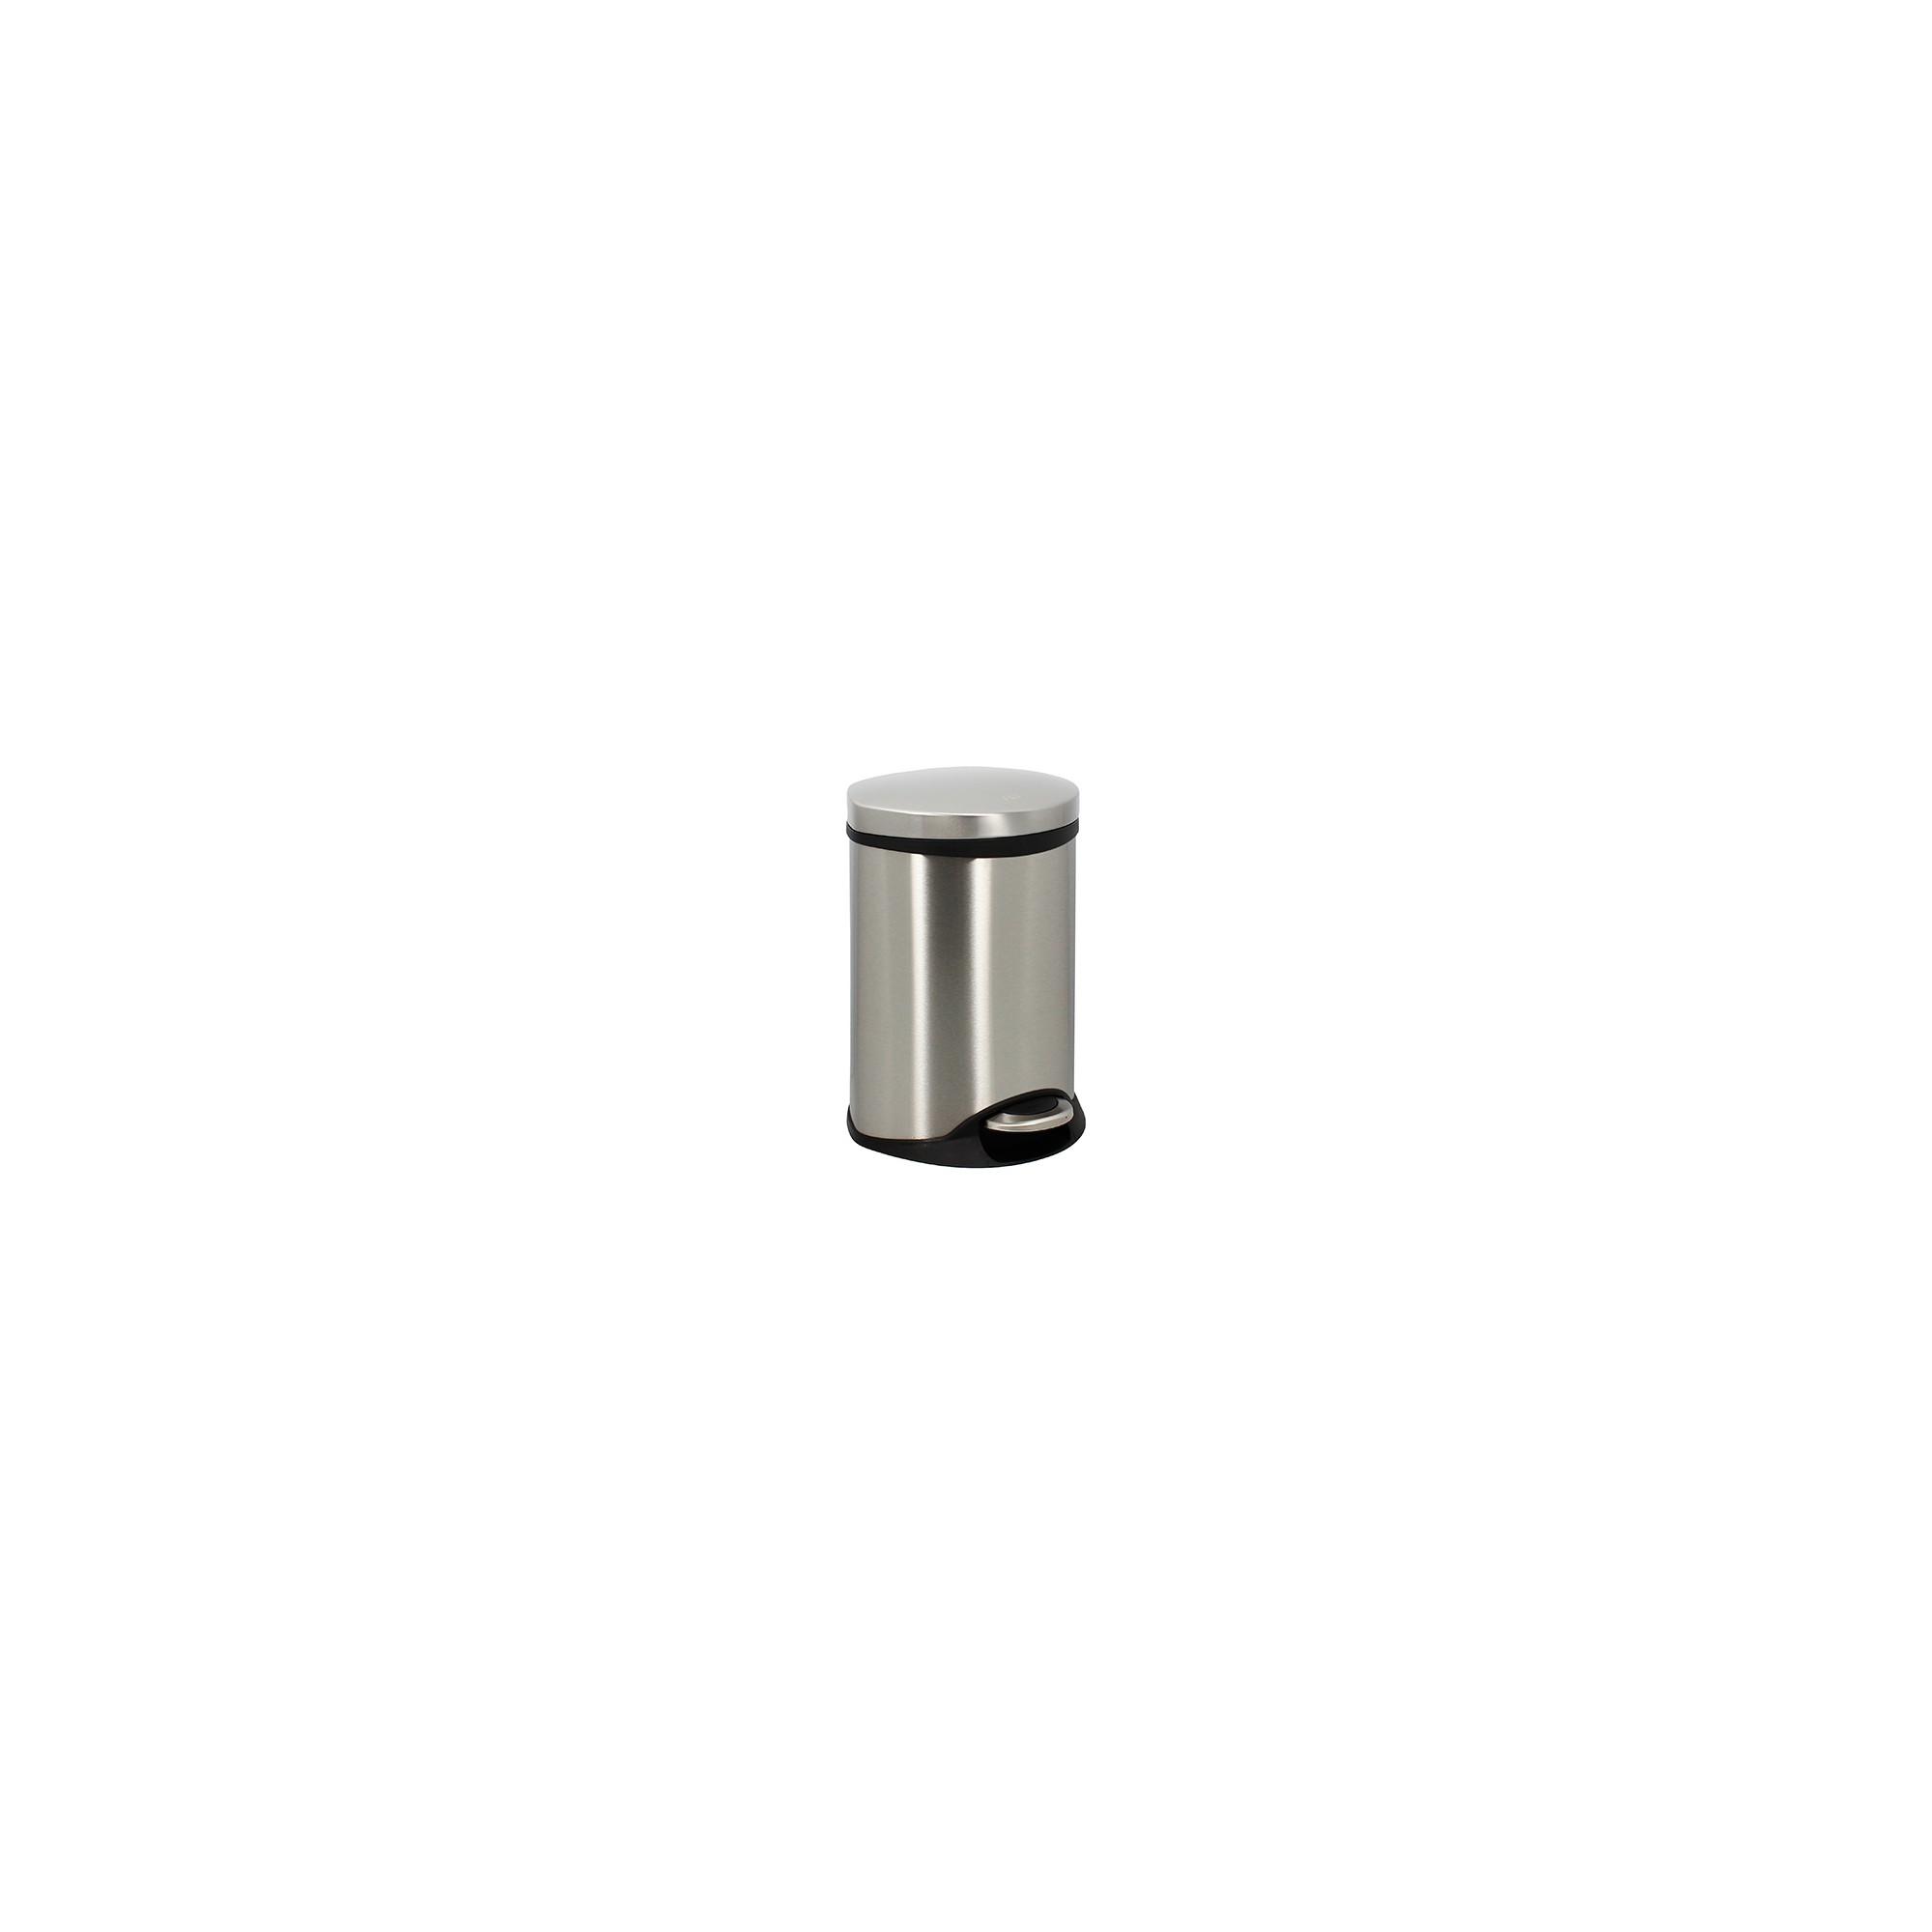 Poubelle Semi Cylindrique 6L Inox Brossé anti-trace de doigts